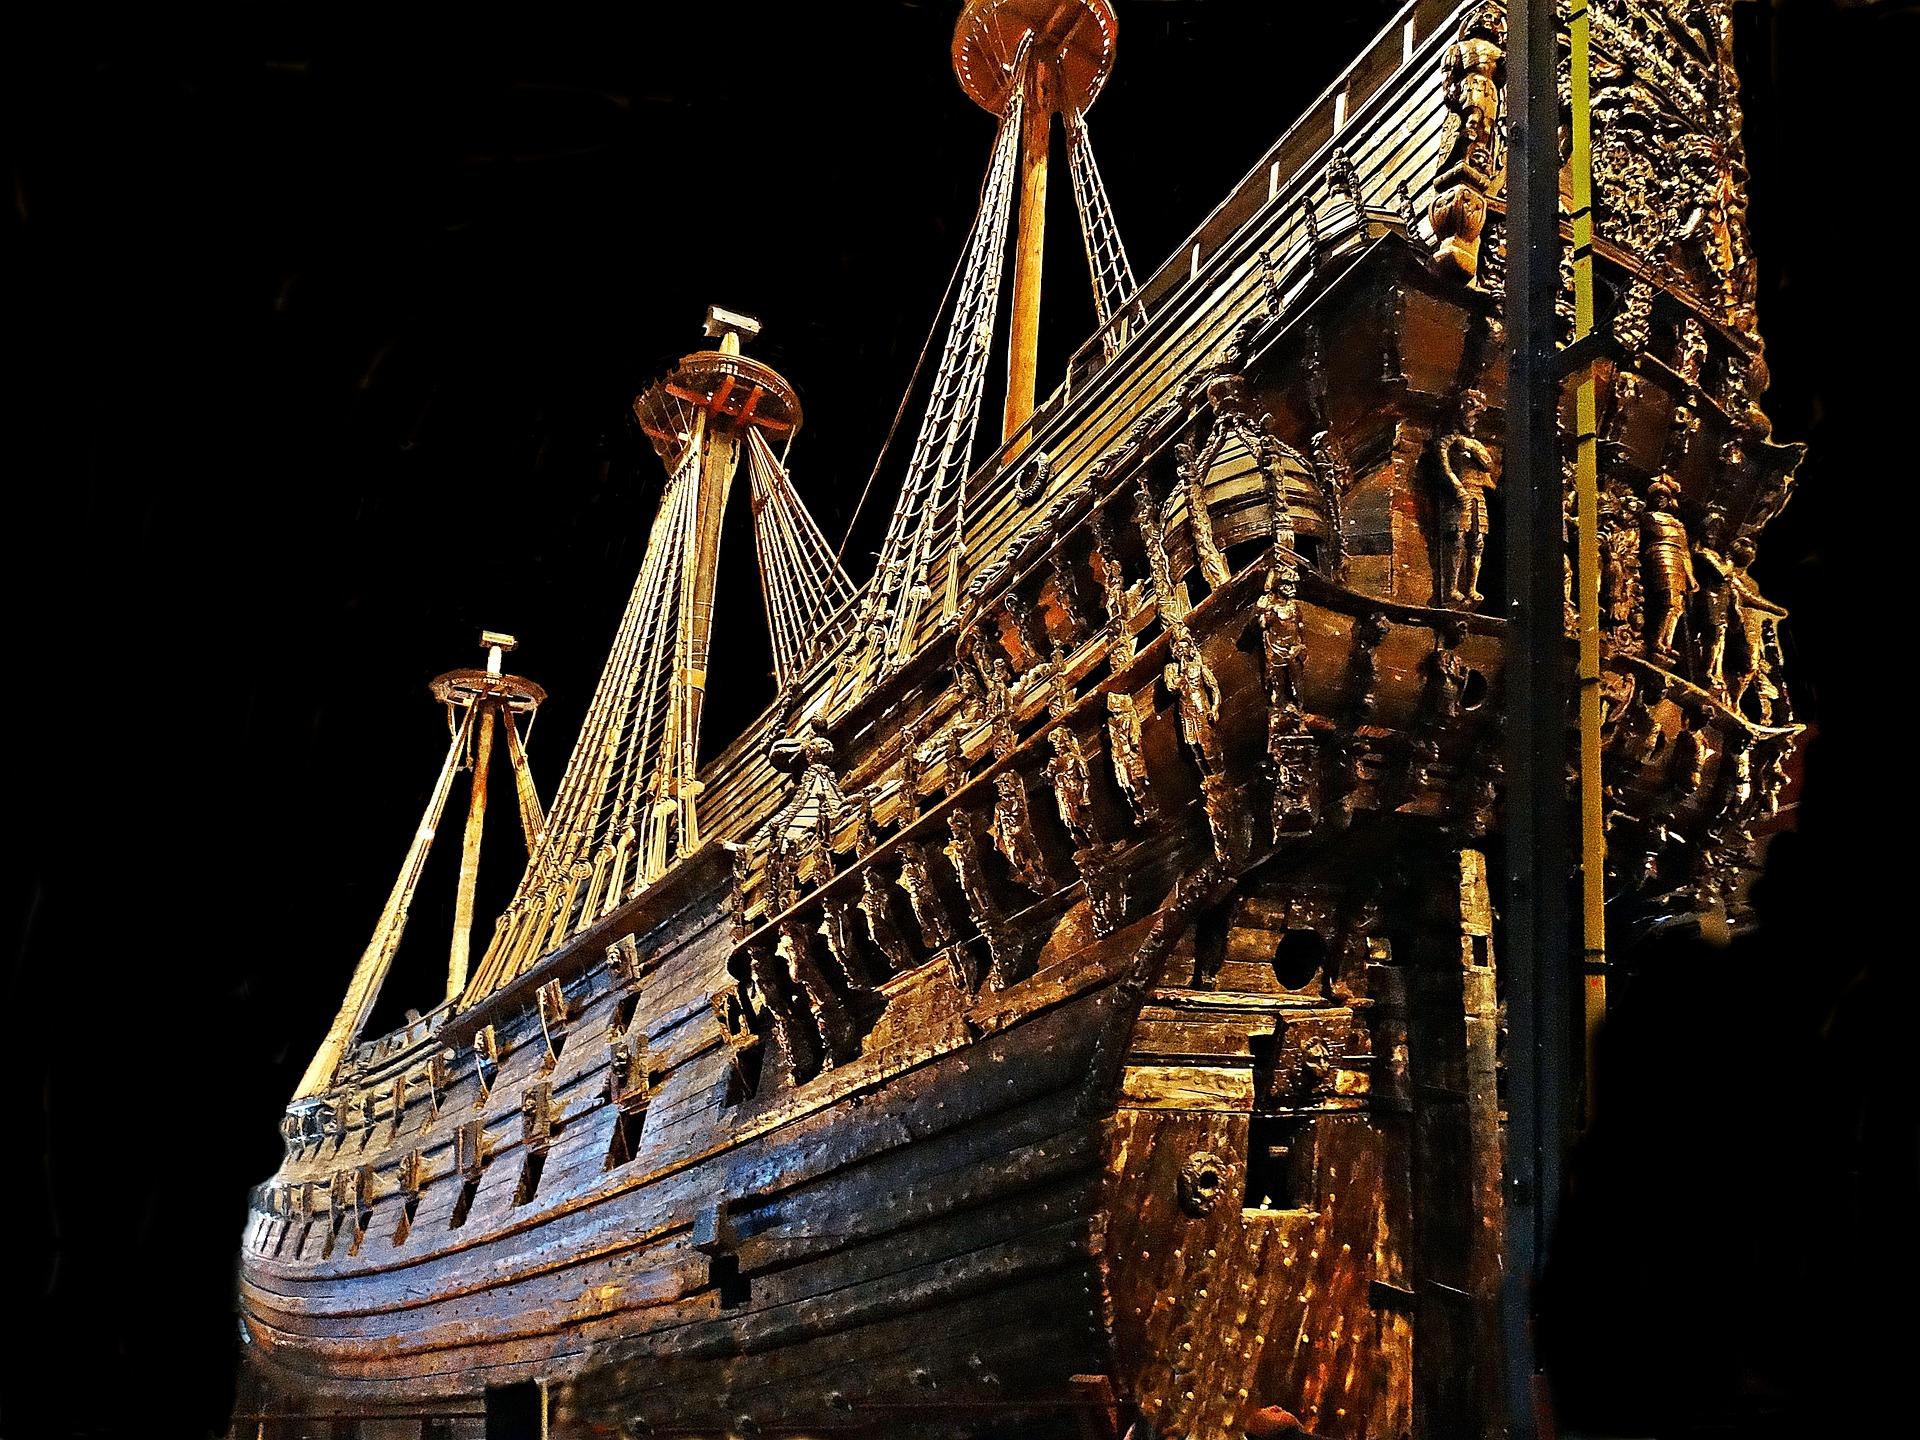 vasa ship